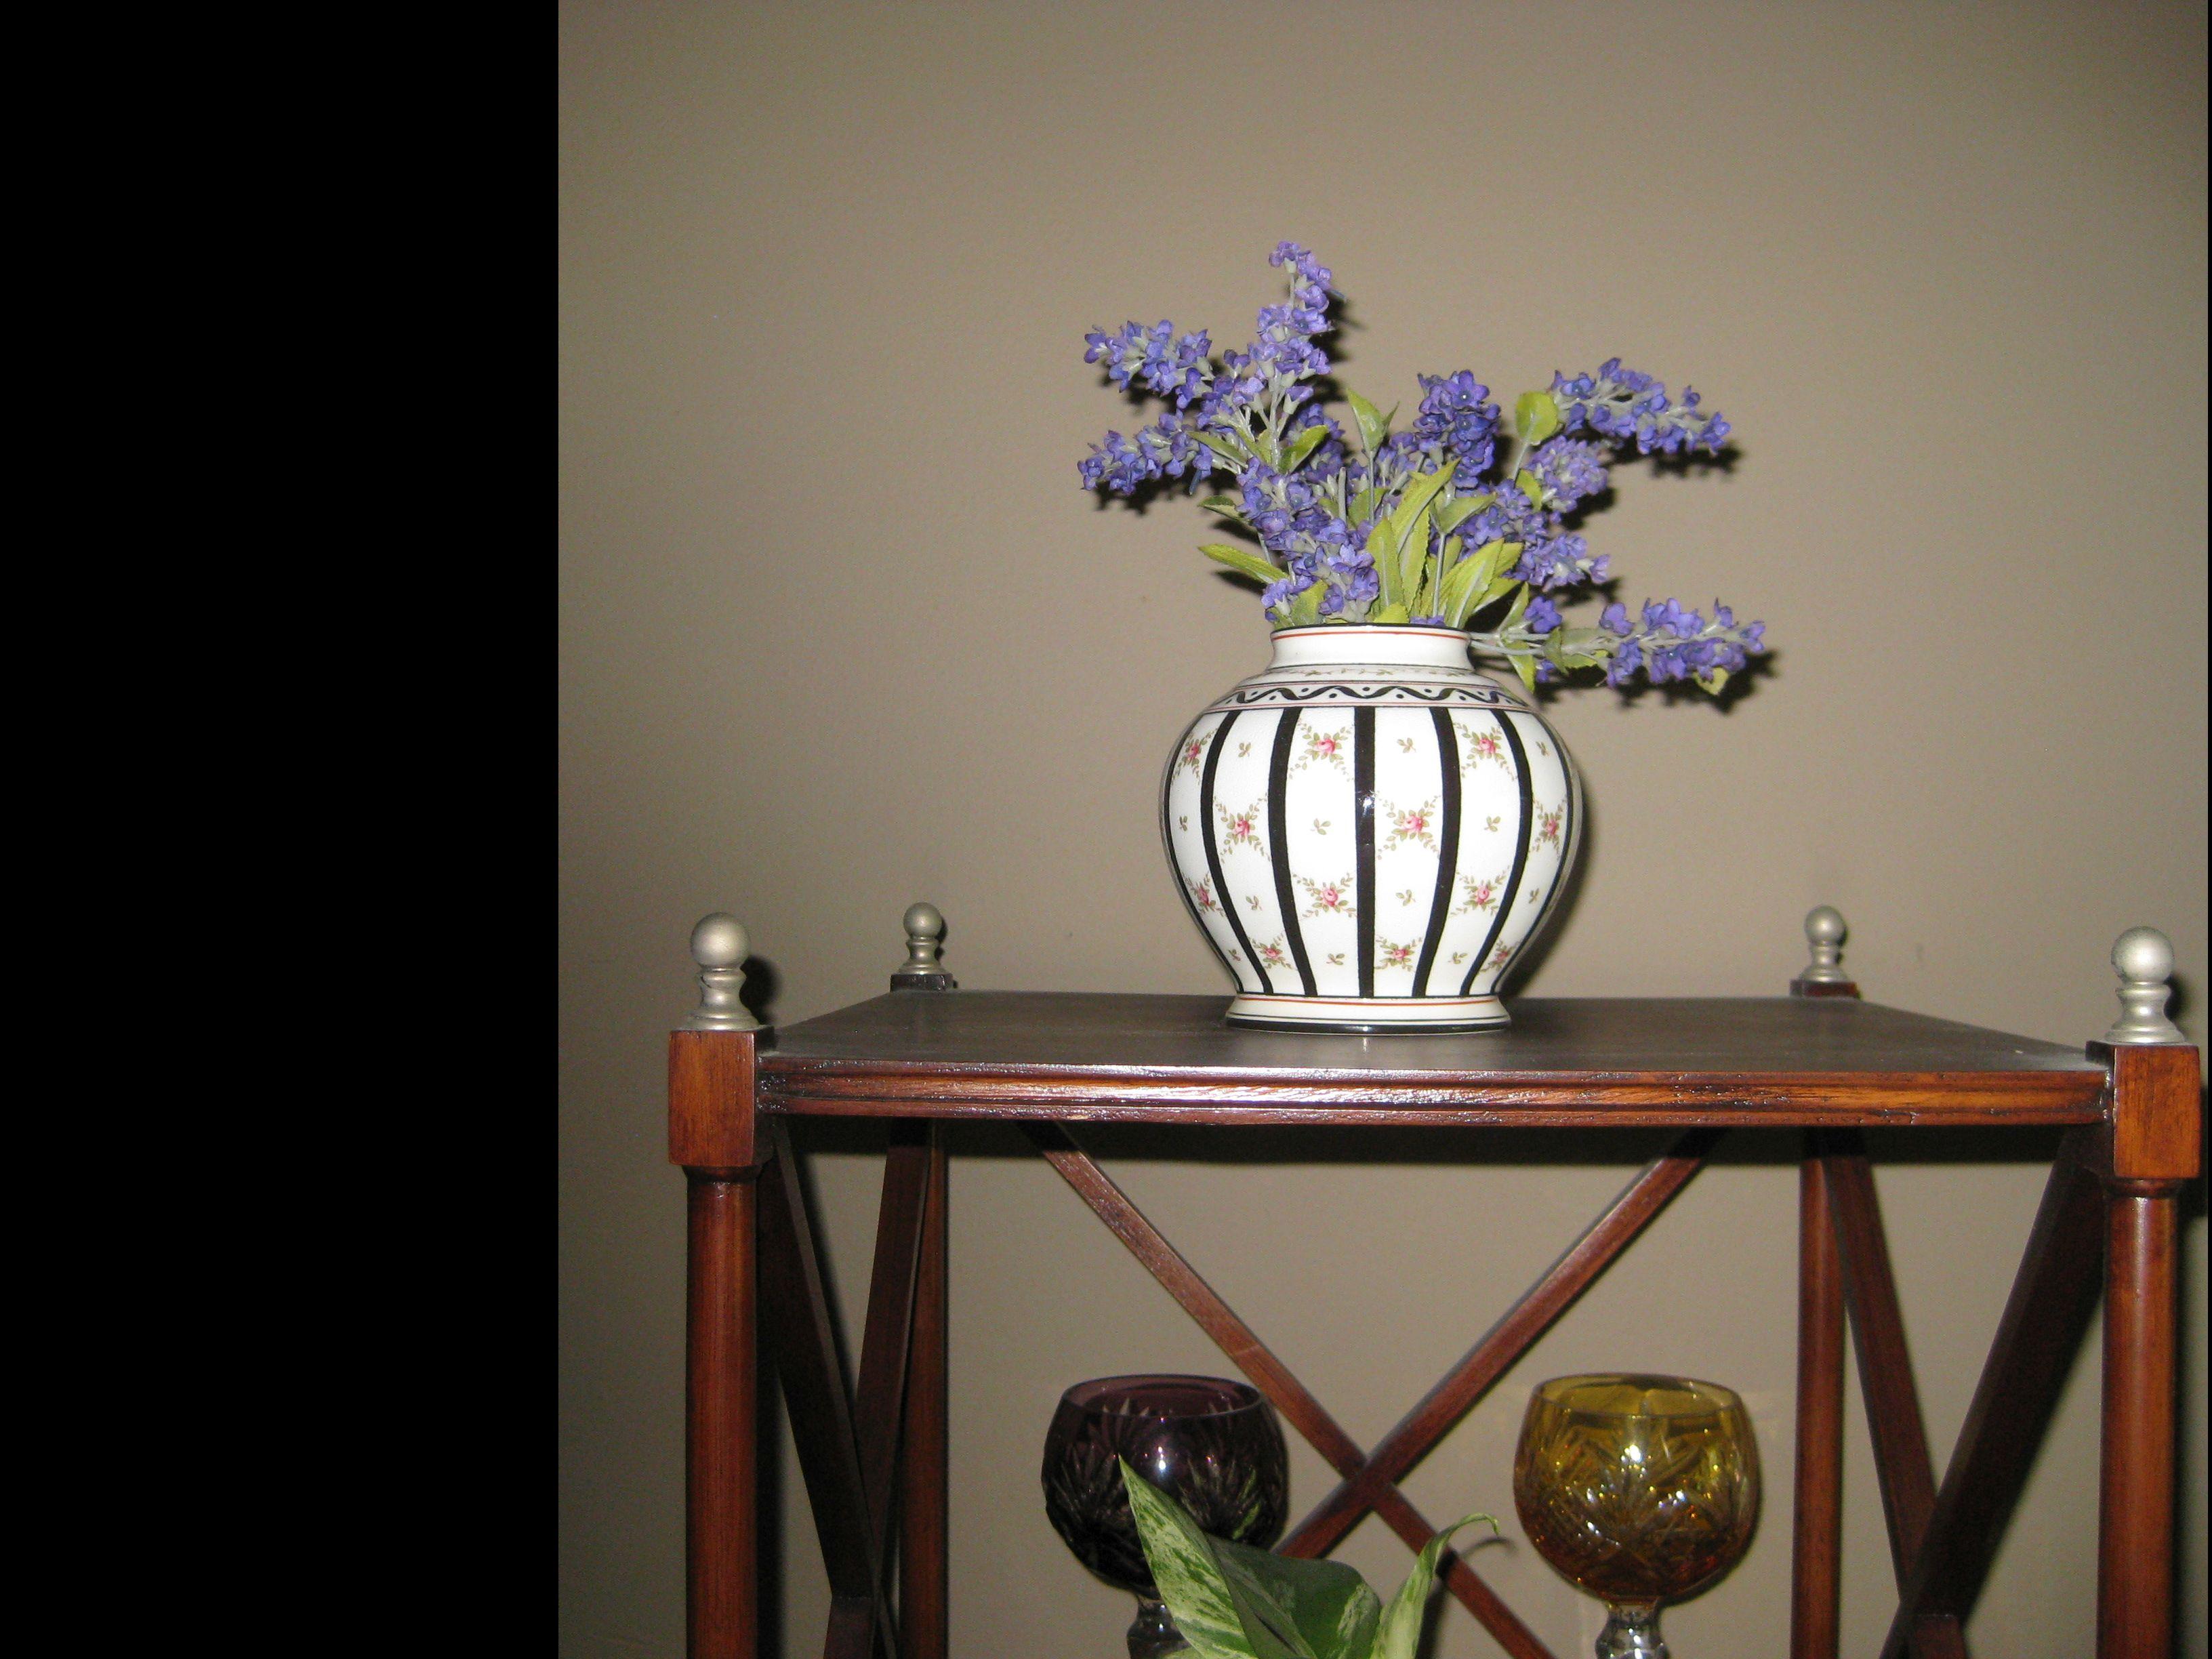 C11. Coalport Vase